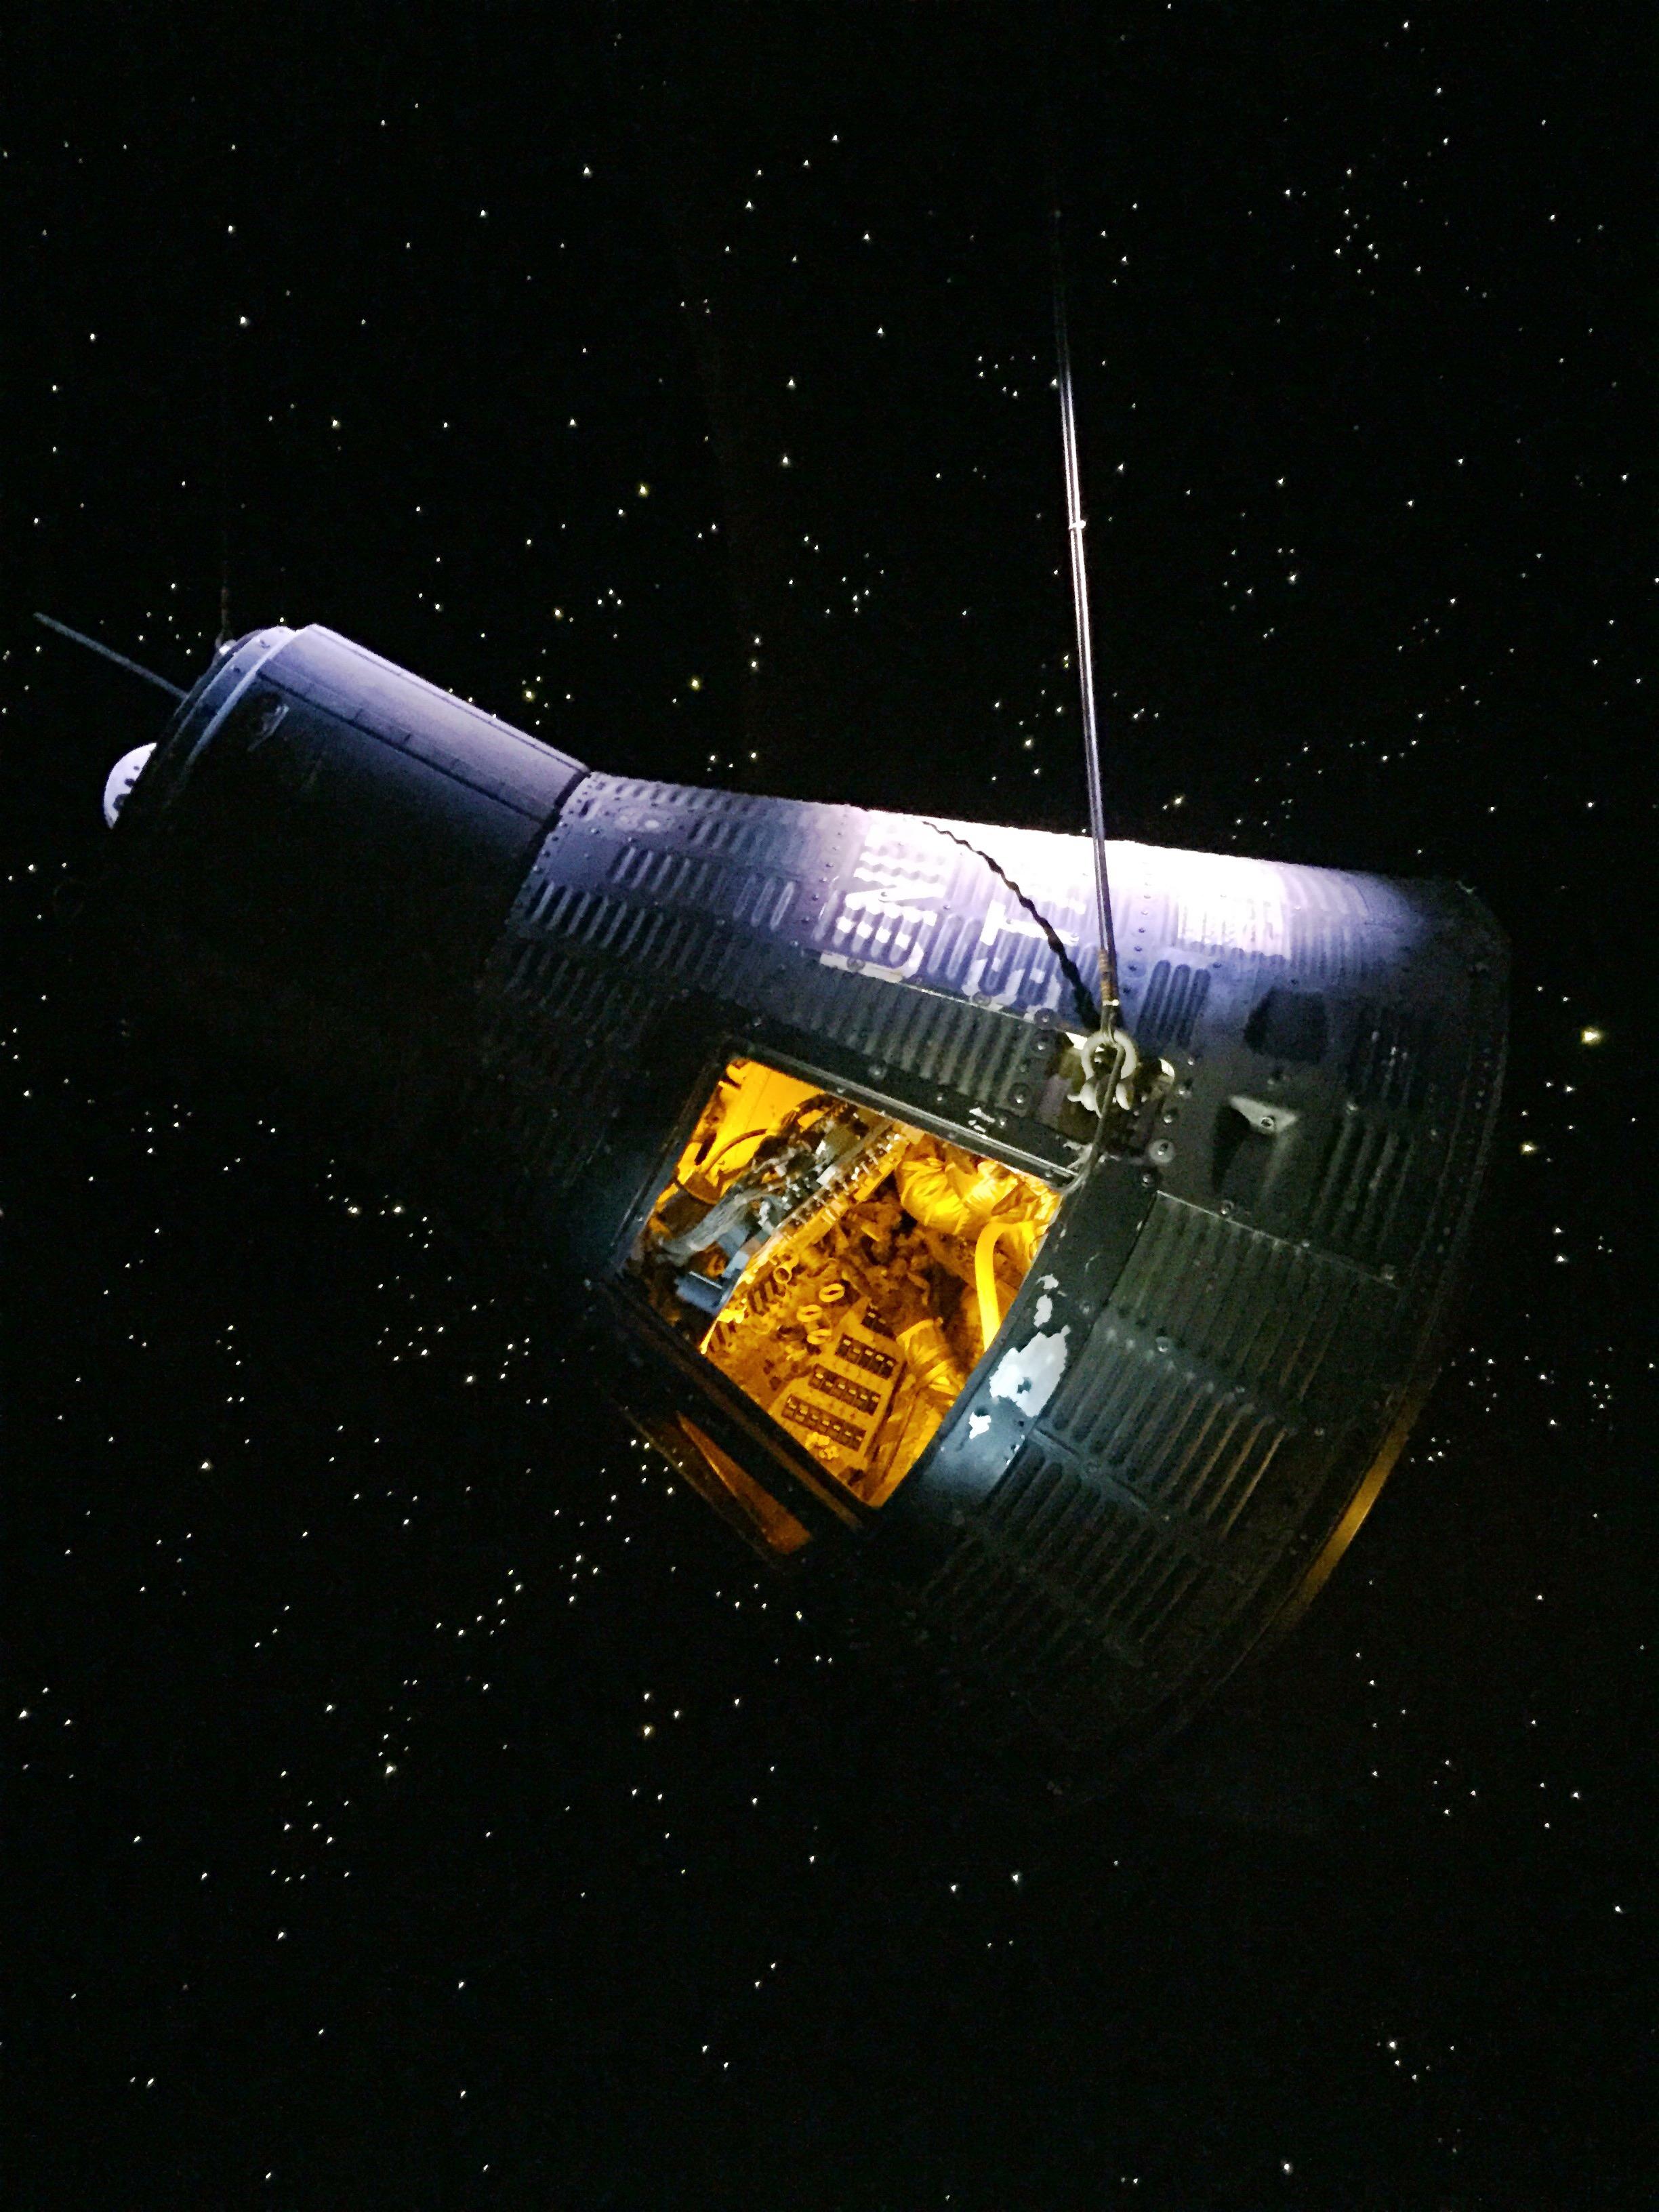 nasa houston space center apollo capsule